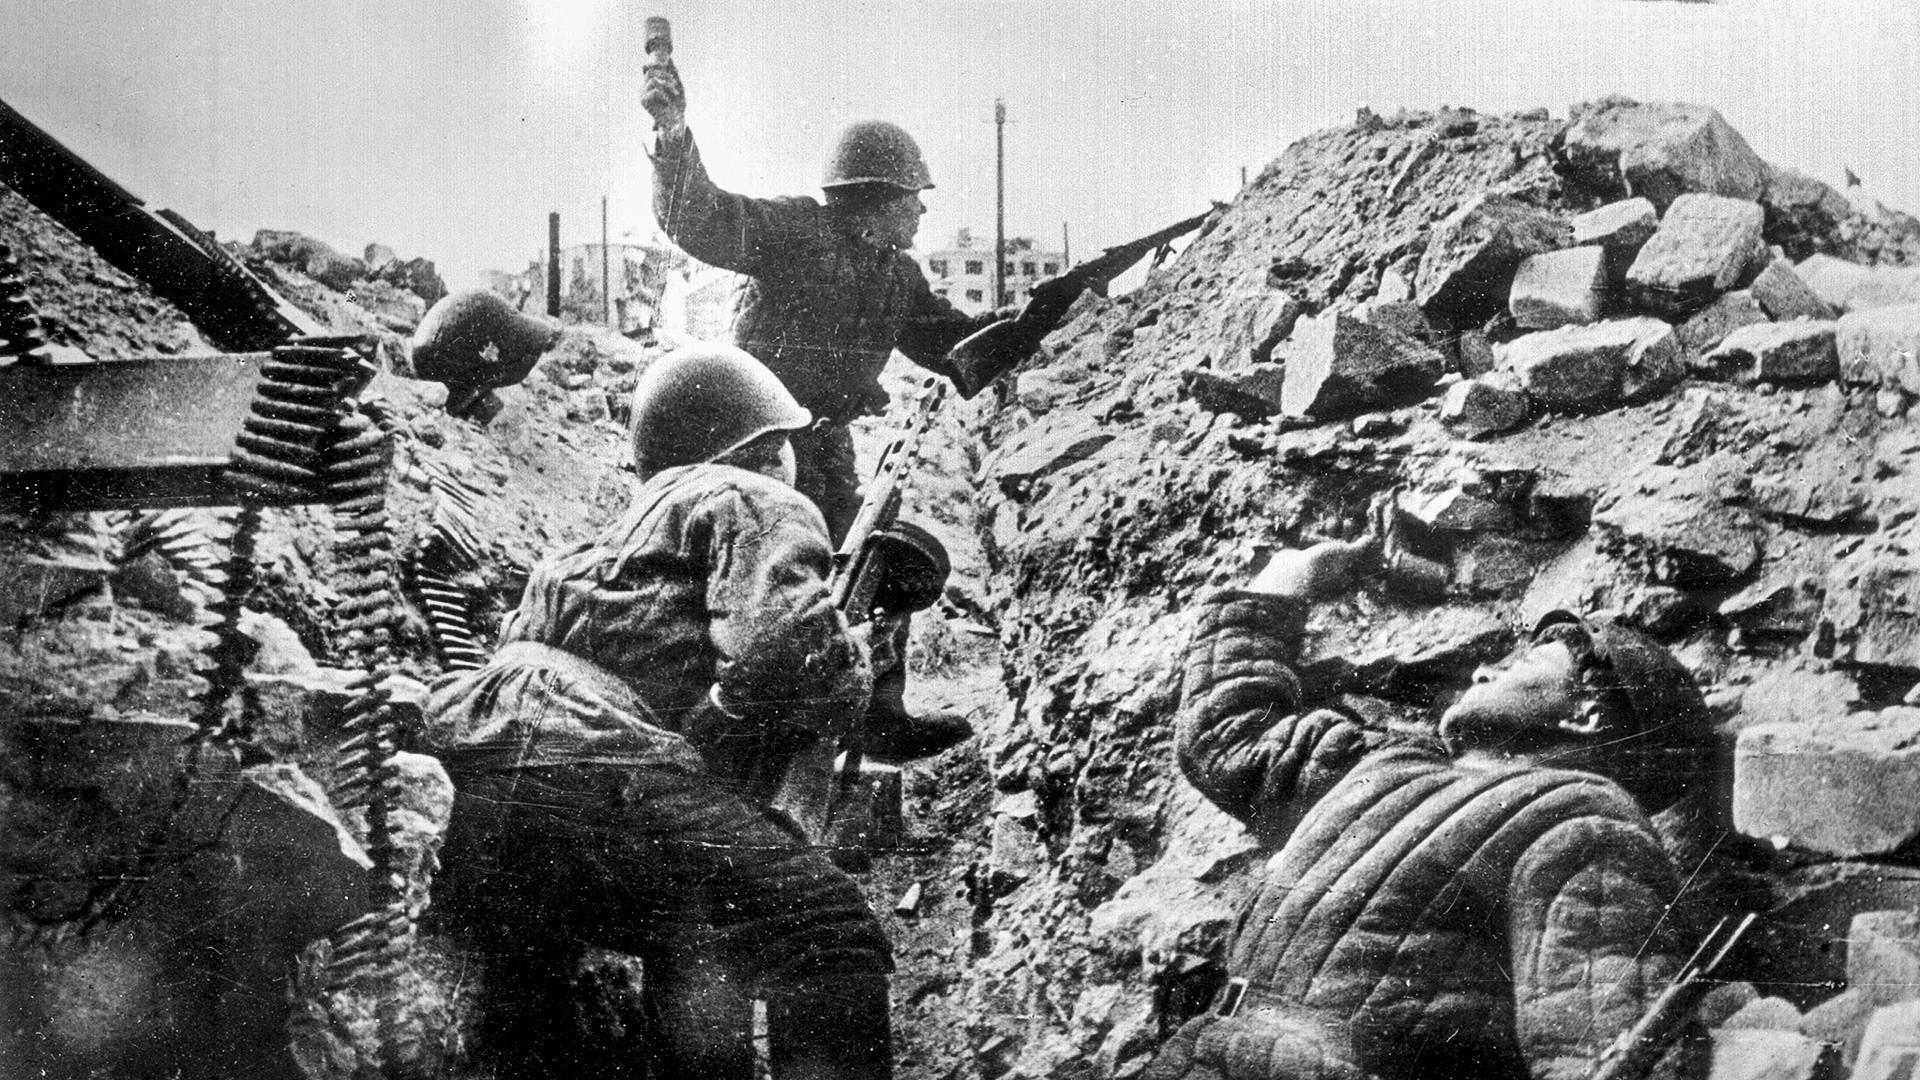 Drugi svjetski rat. Bitka za Staljingrad. Ruski vojnici.